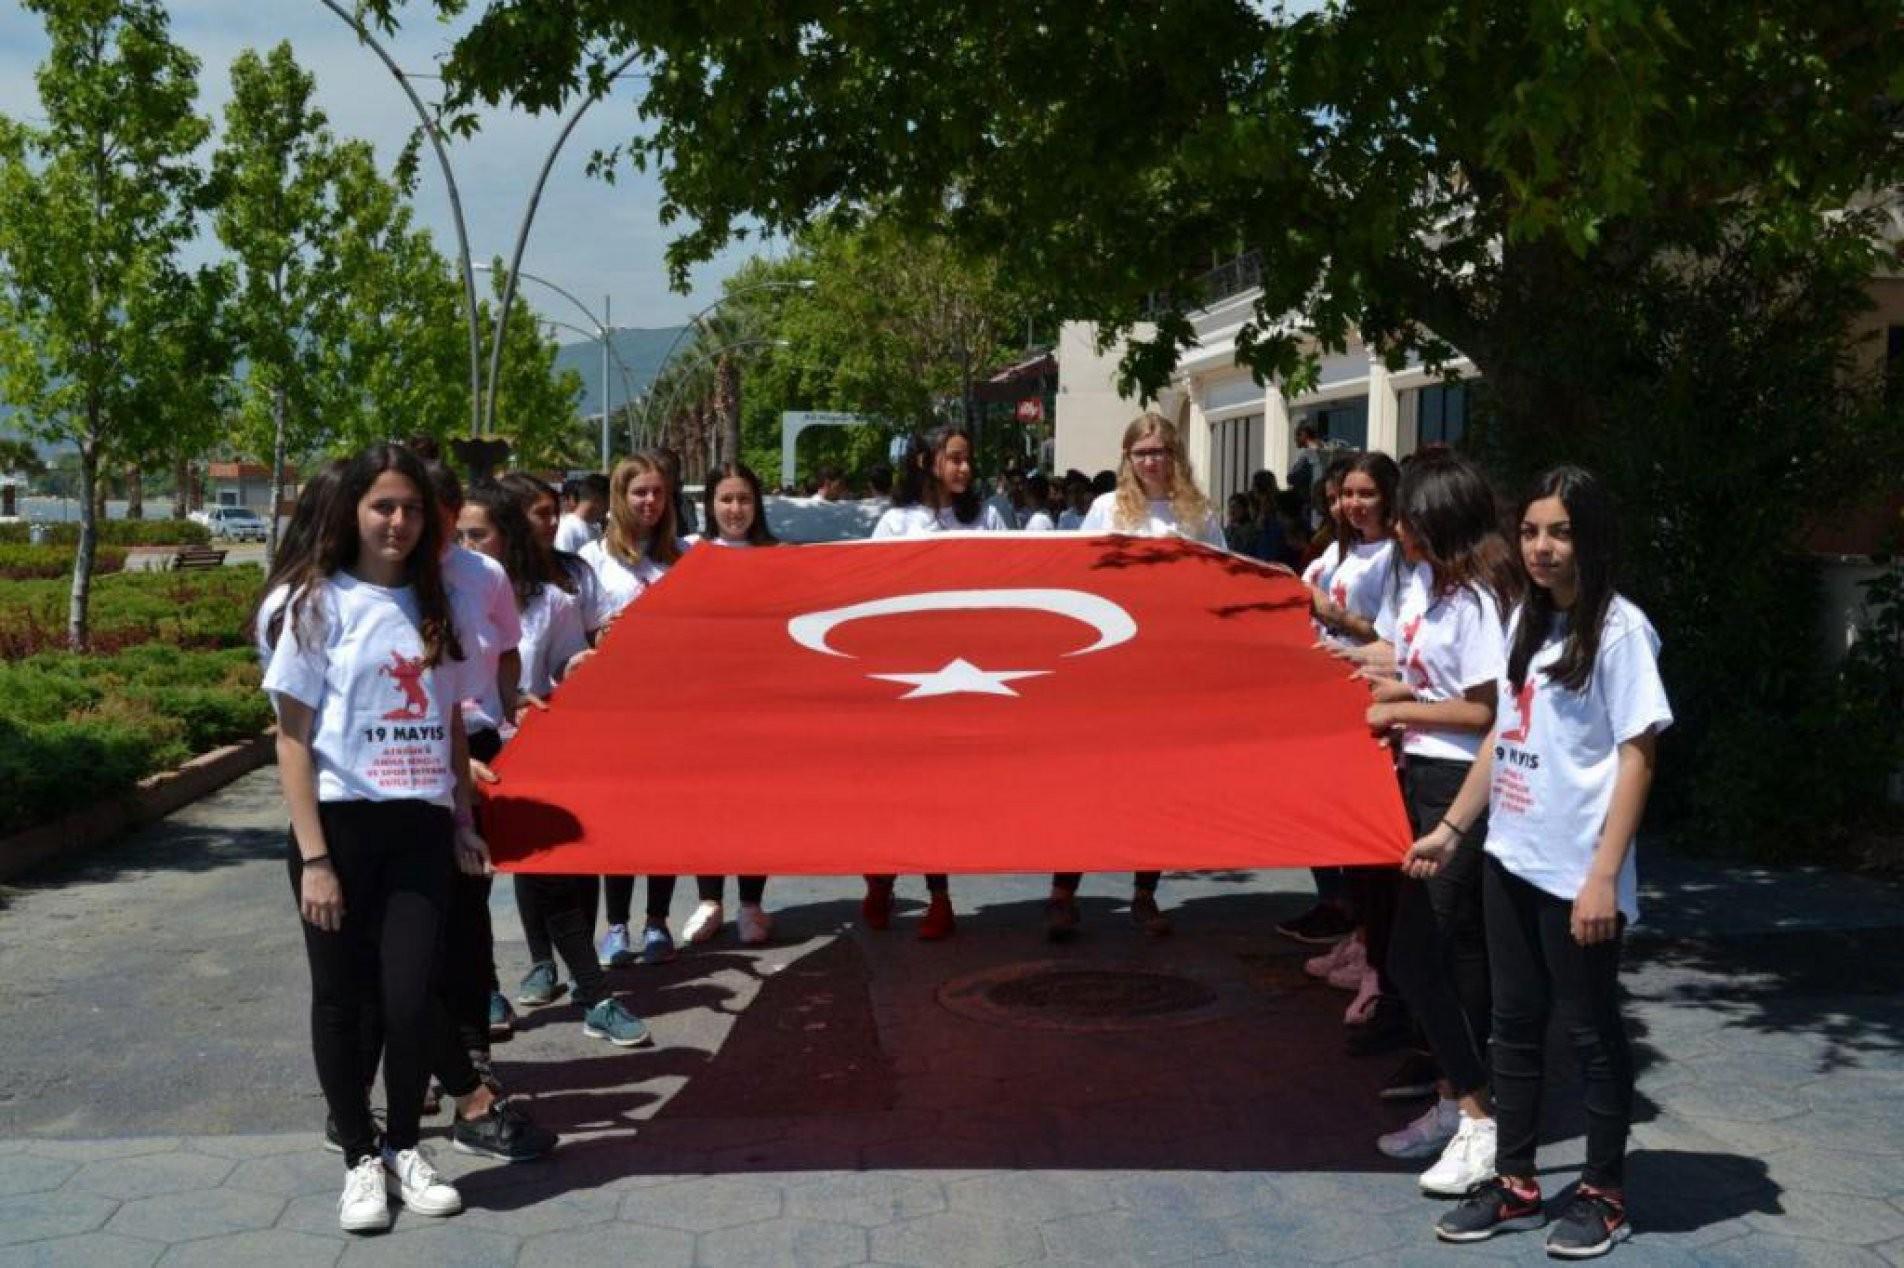 ERDEK'TE 19 MAYIS COŞKUSU BAŞLADI